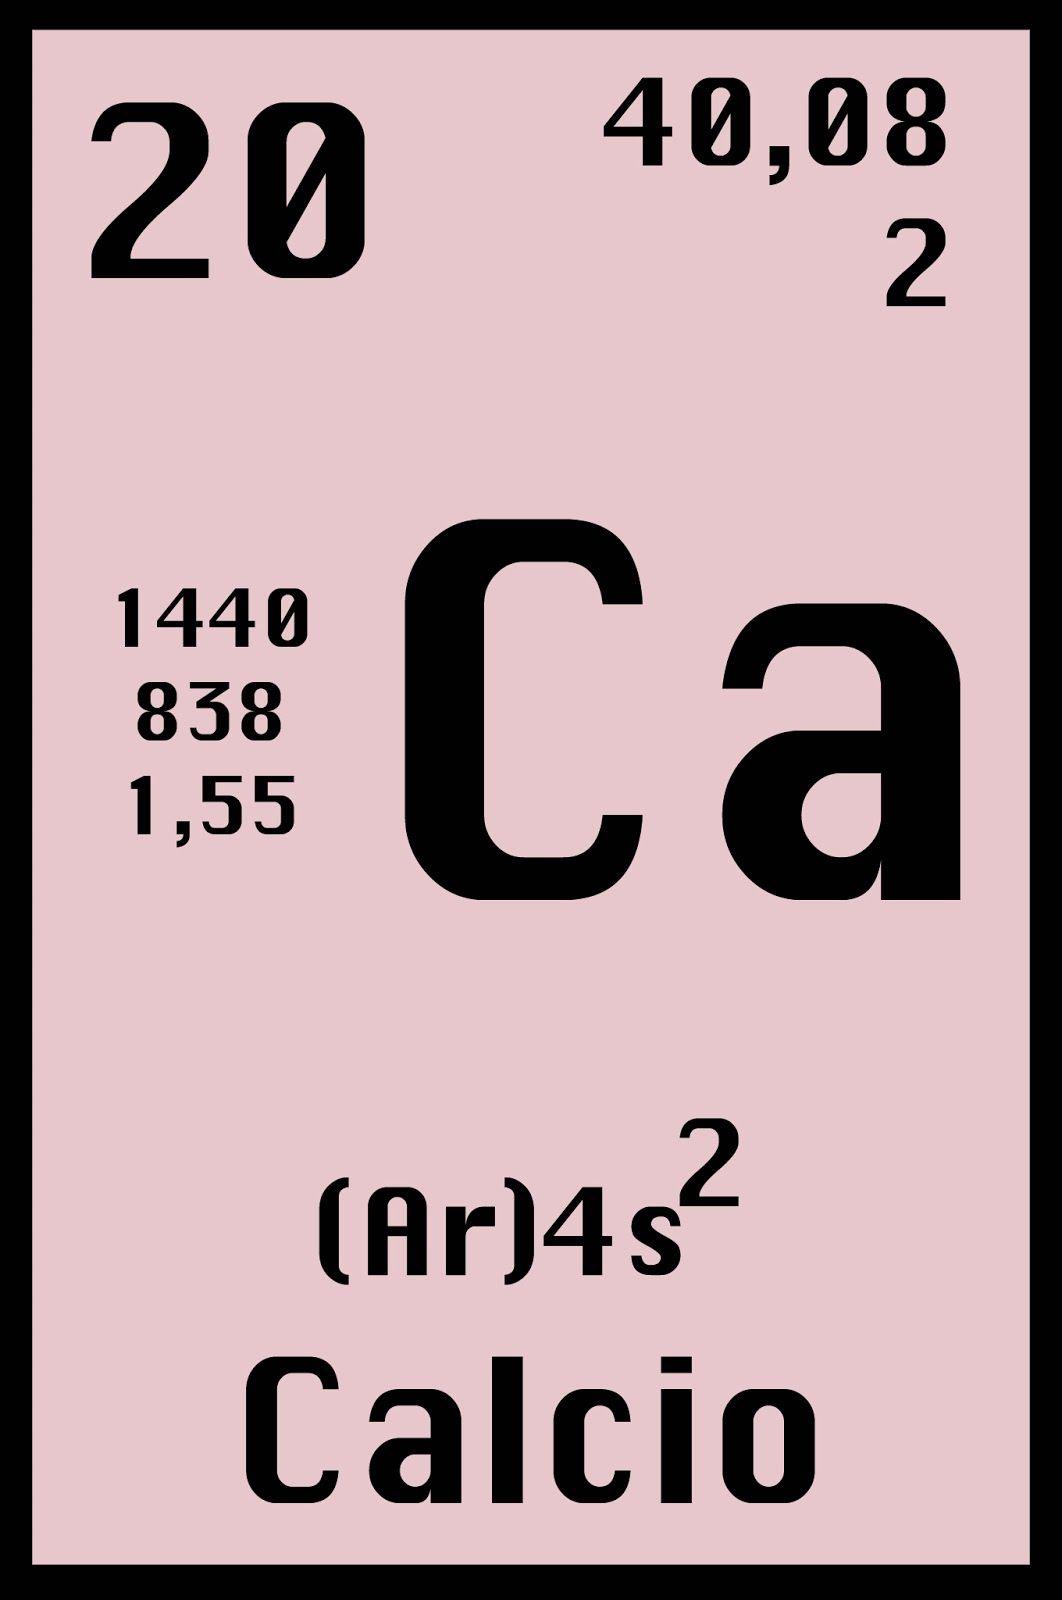 Tabla periodica elemento xenon gallery periodic table and sample elementos de la tabla periodica xenon images periodic table and tabla periodica elemento xenon choice image urtaz Image collections